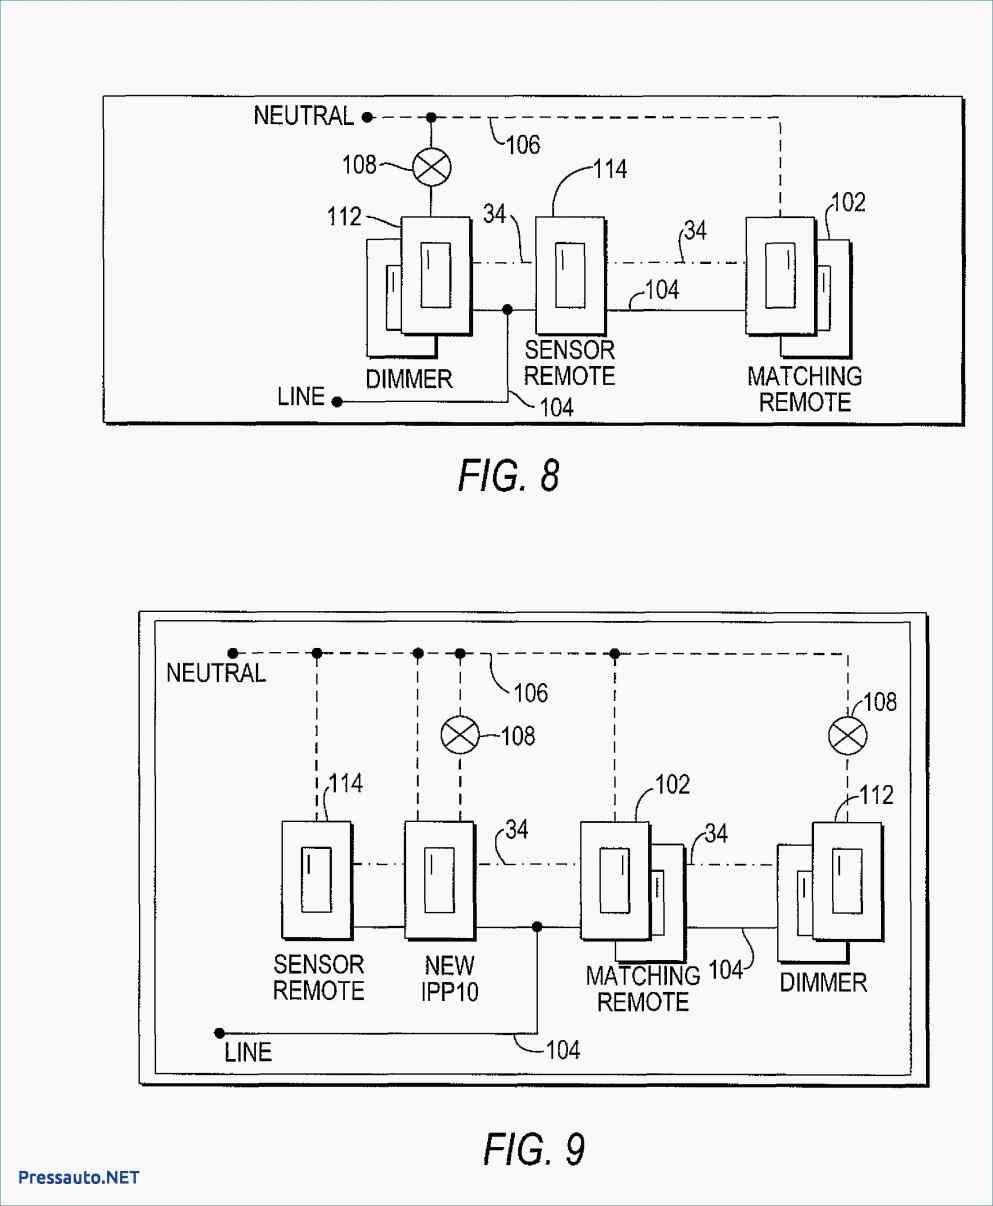 Maestro 3 Way Wiring Diagram - All Wiring Diagram - Lutron Maestro 3 Way Dimmer Wiring Diagram